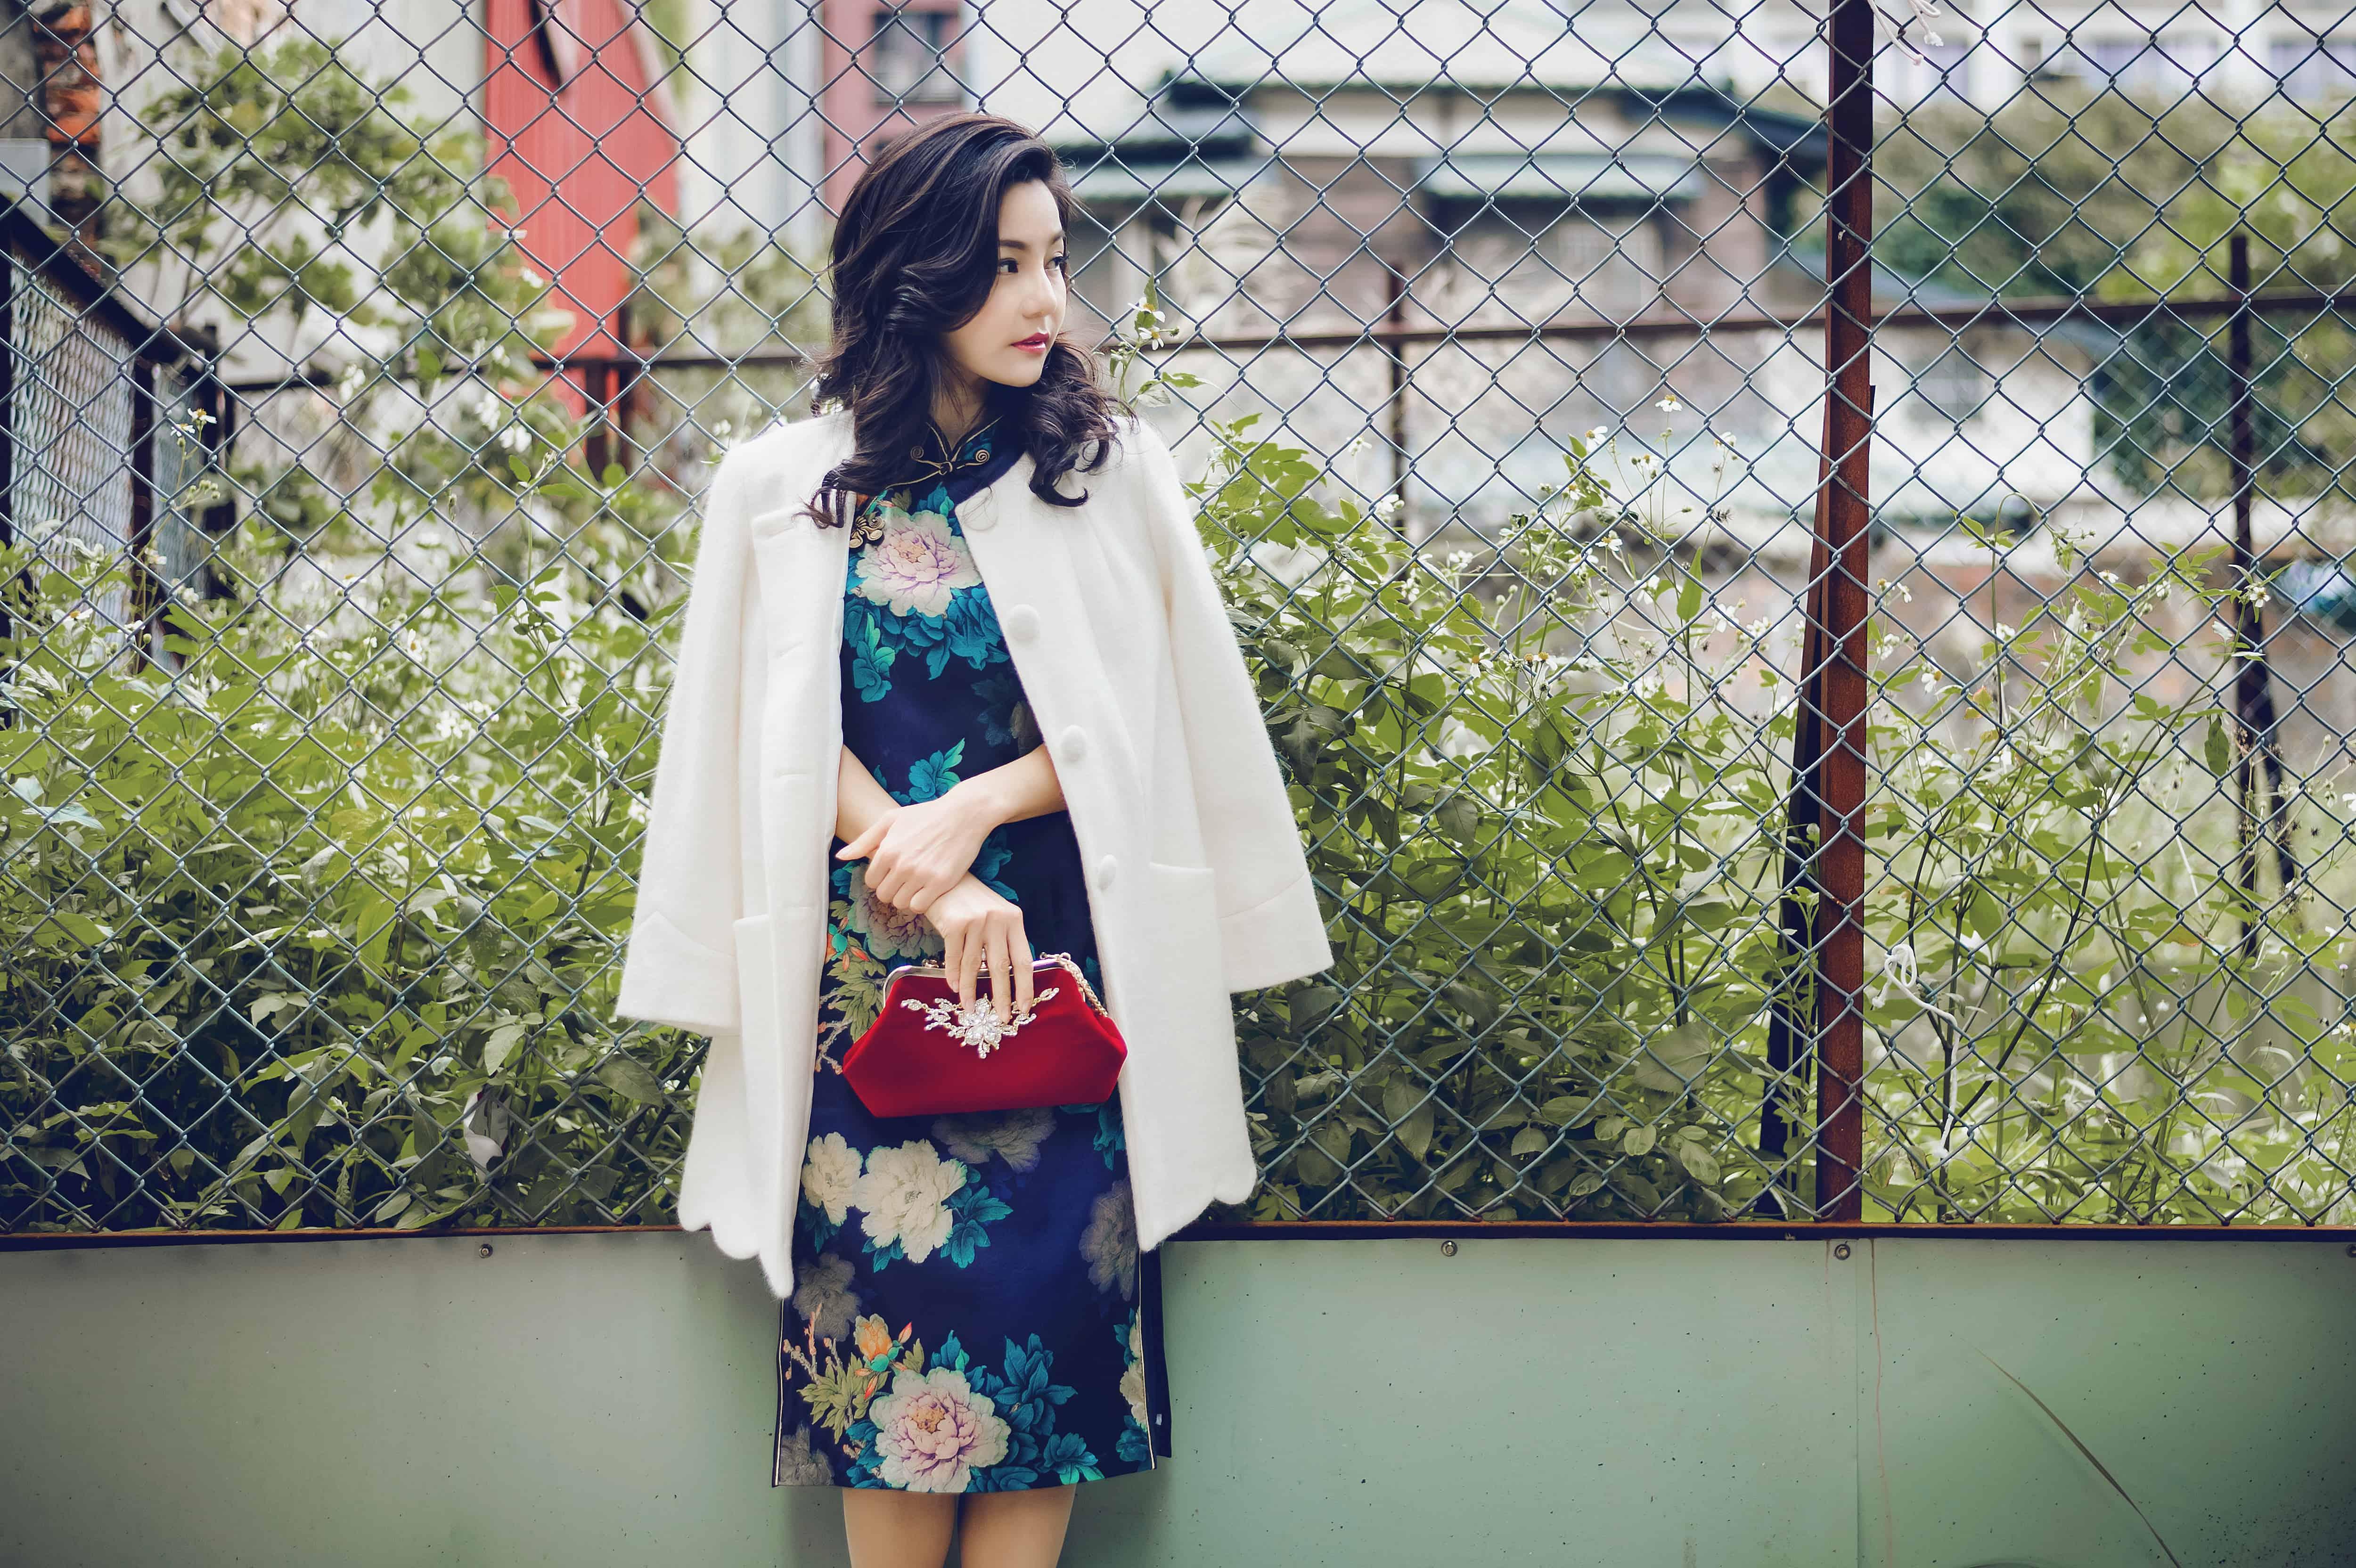 旗袍寫真,七顆梨,三宇影像,阿三,攝影師,街拍,台大教授,旗袍造型,旗袍,